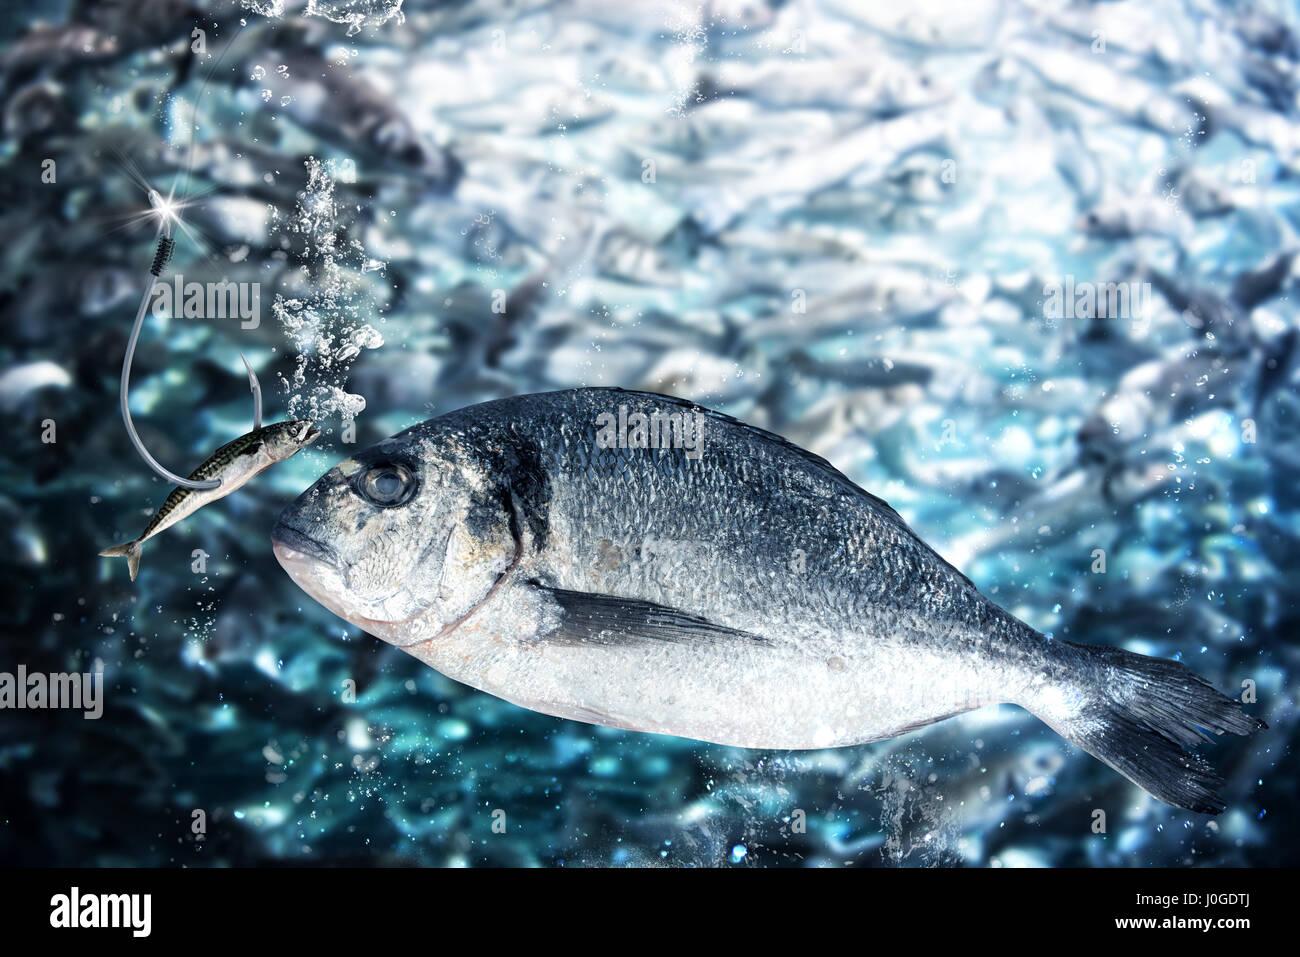 Le poisson prend l'appât pour attirer Photo Stock